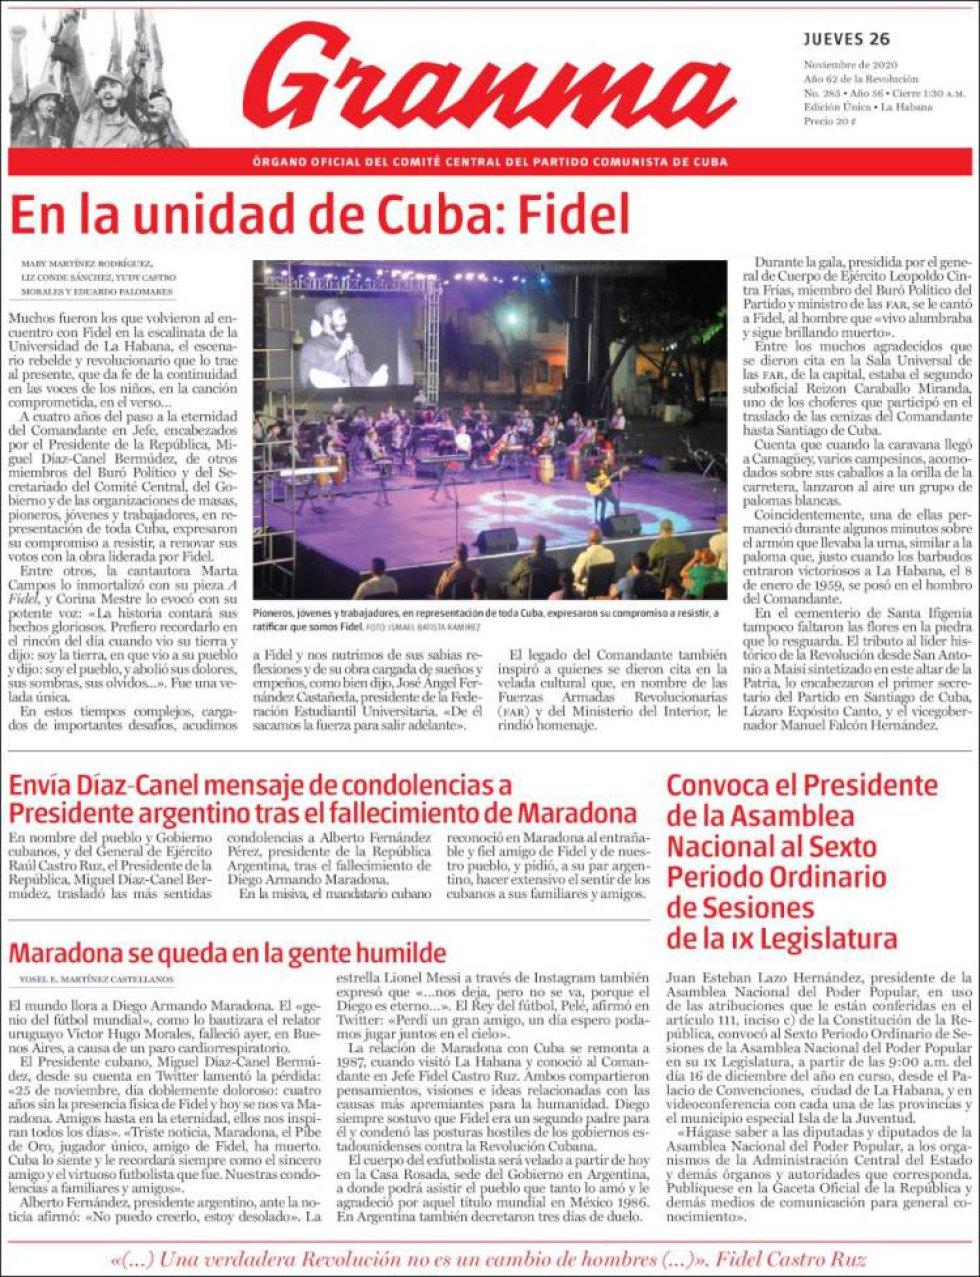 'Maradona se queda en la gente humilde', titula el diario cubano 'Granma', que no le da la foto de portada al futbolista, que vivió largas temporadas allí